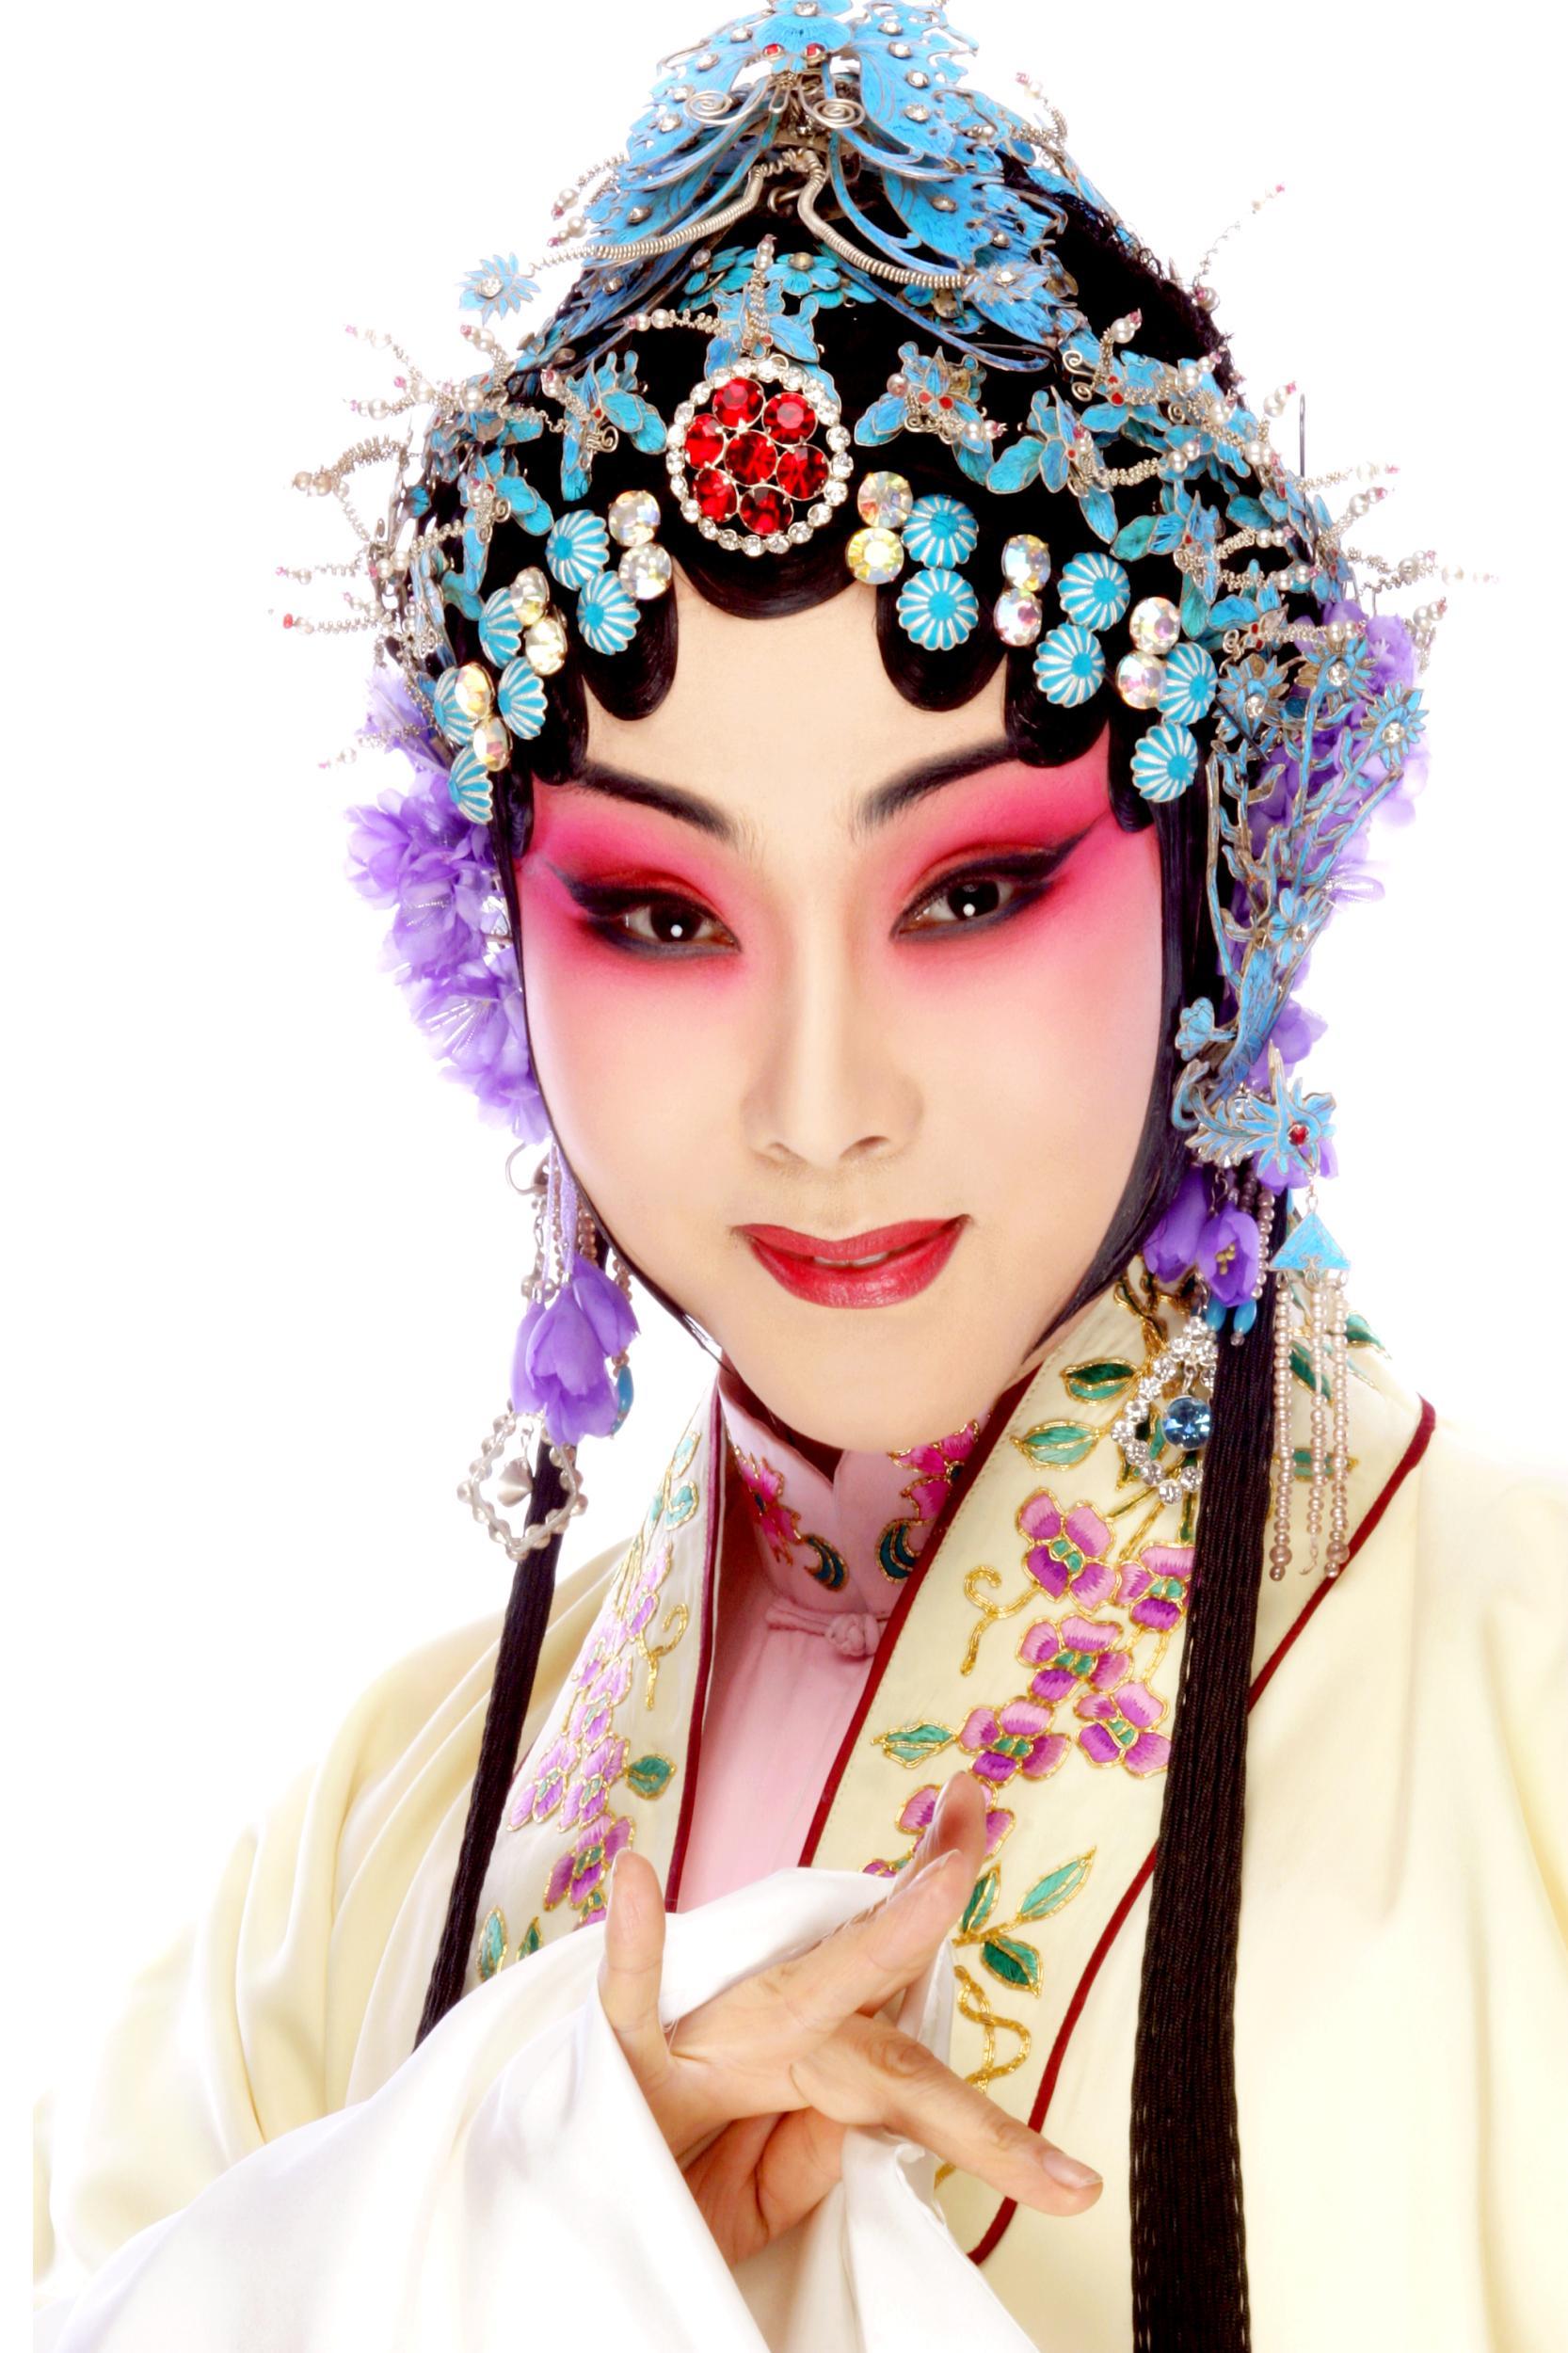 天津评剧院曾昭娟领衔主演的《赵锦棠》